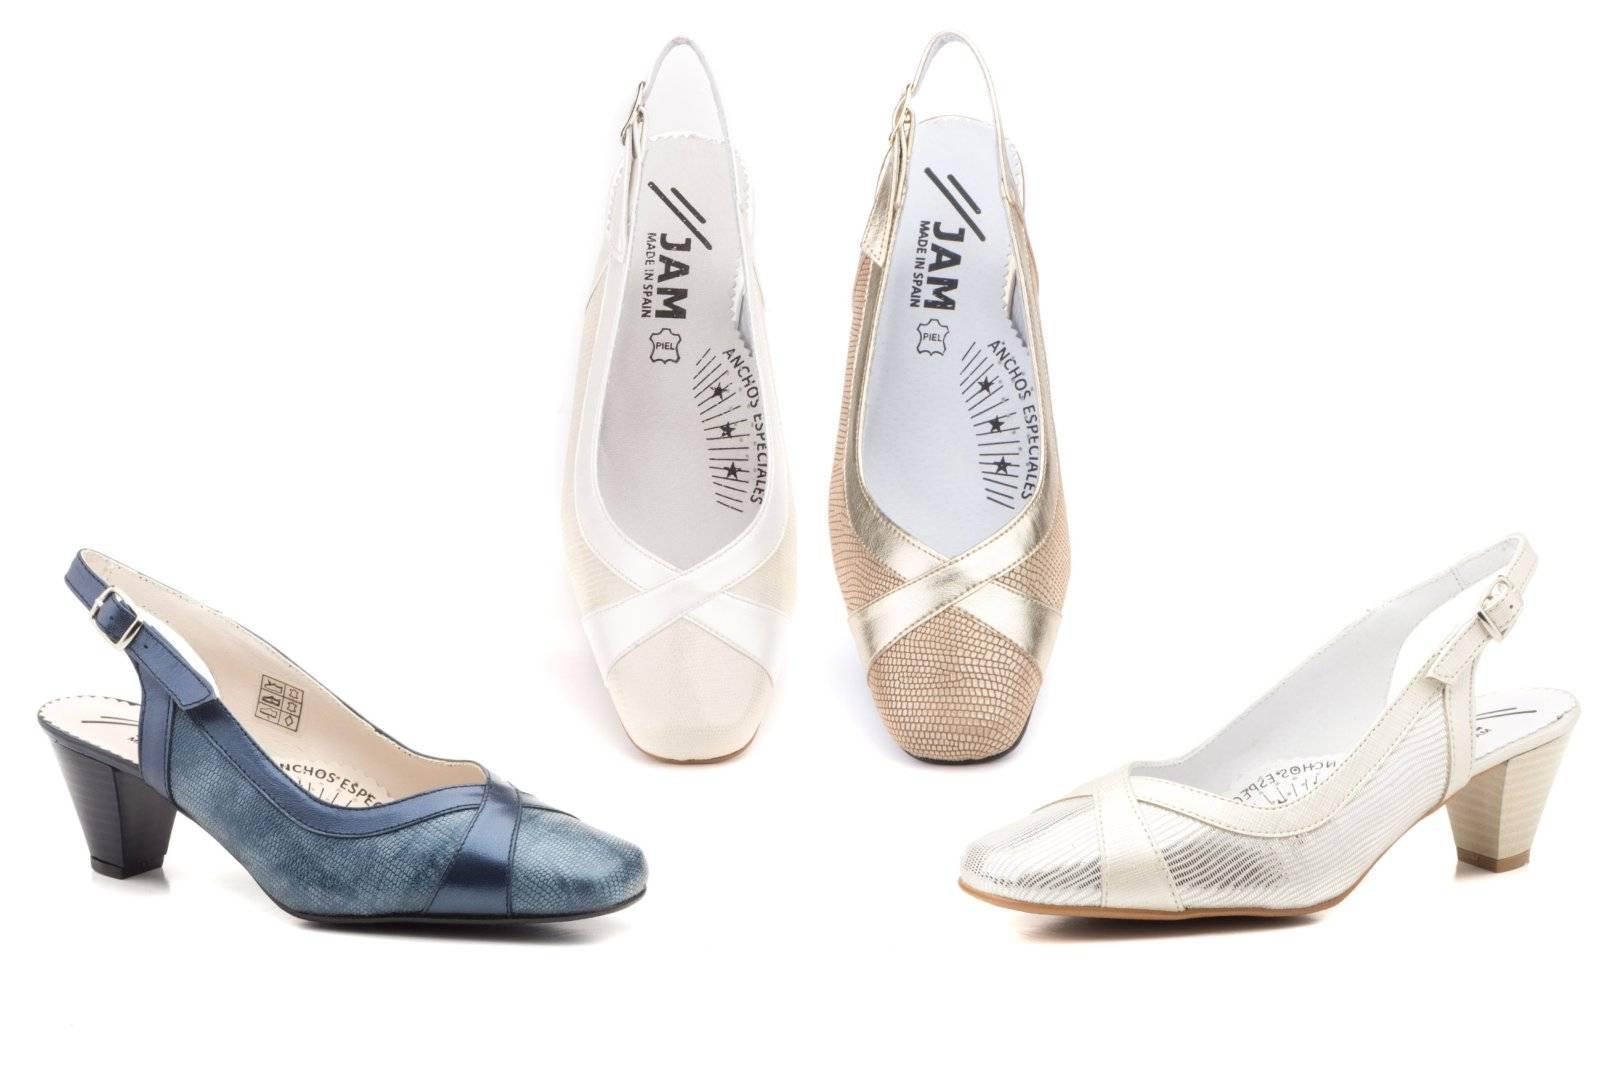 Piel Piel Mujer Tacón Tacón Zapatos Mujer Zapatos Mujer Bajo Zapatos Bajo 80wkZOPNnX